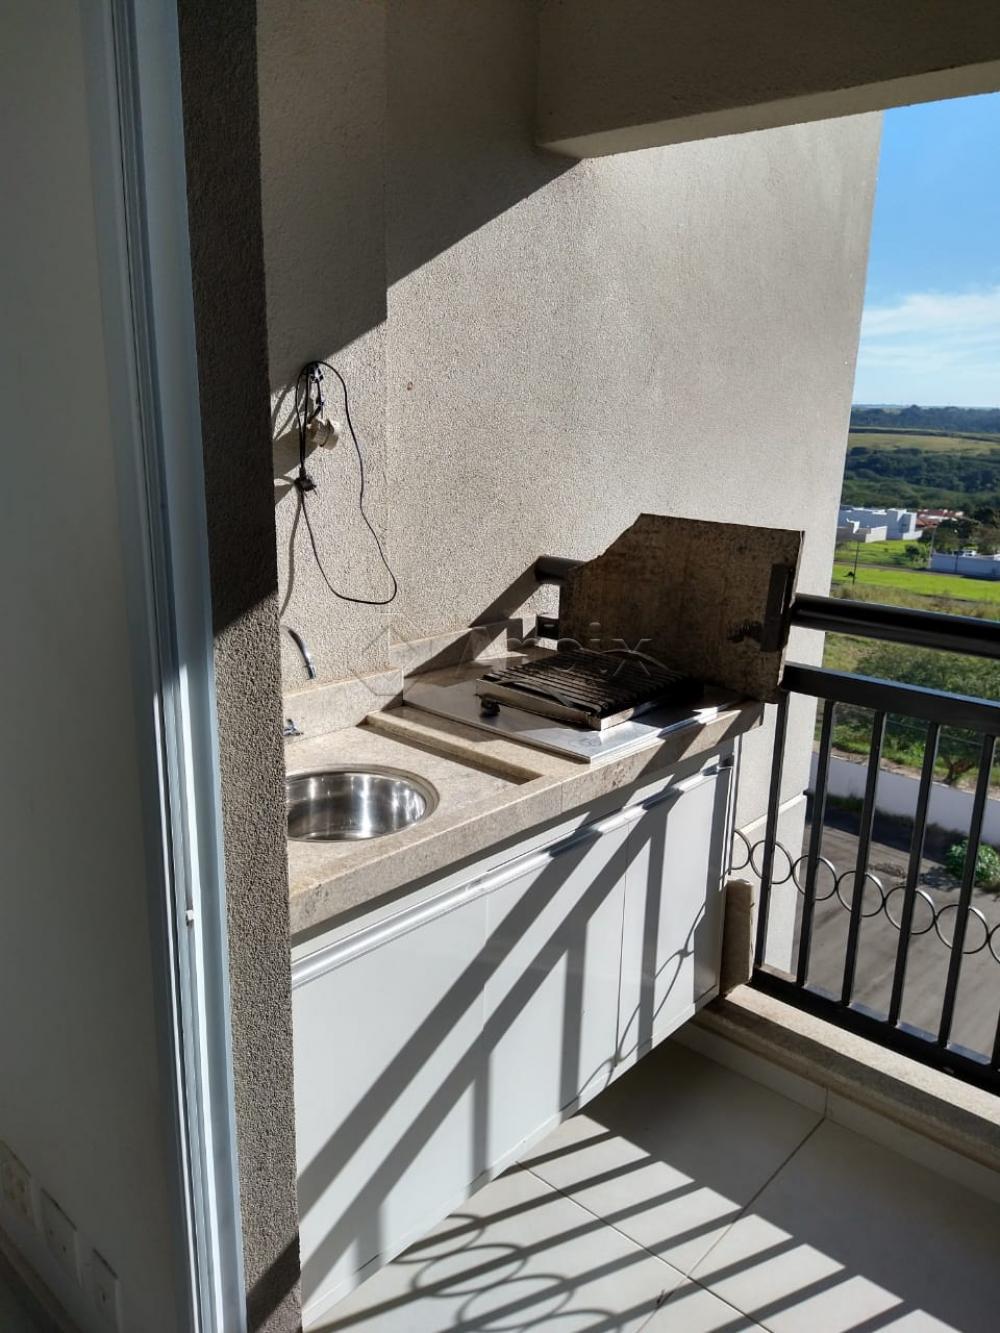 Comprar Apartamento / Padrão em Santa Bárbara D`Oeste R$ 320.000,00 - Foto 7